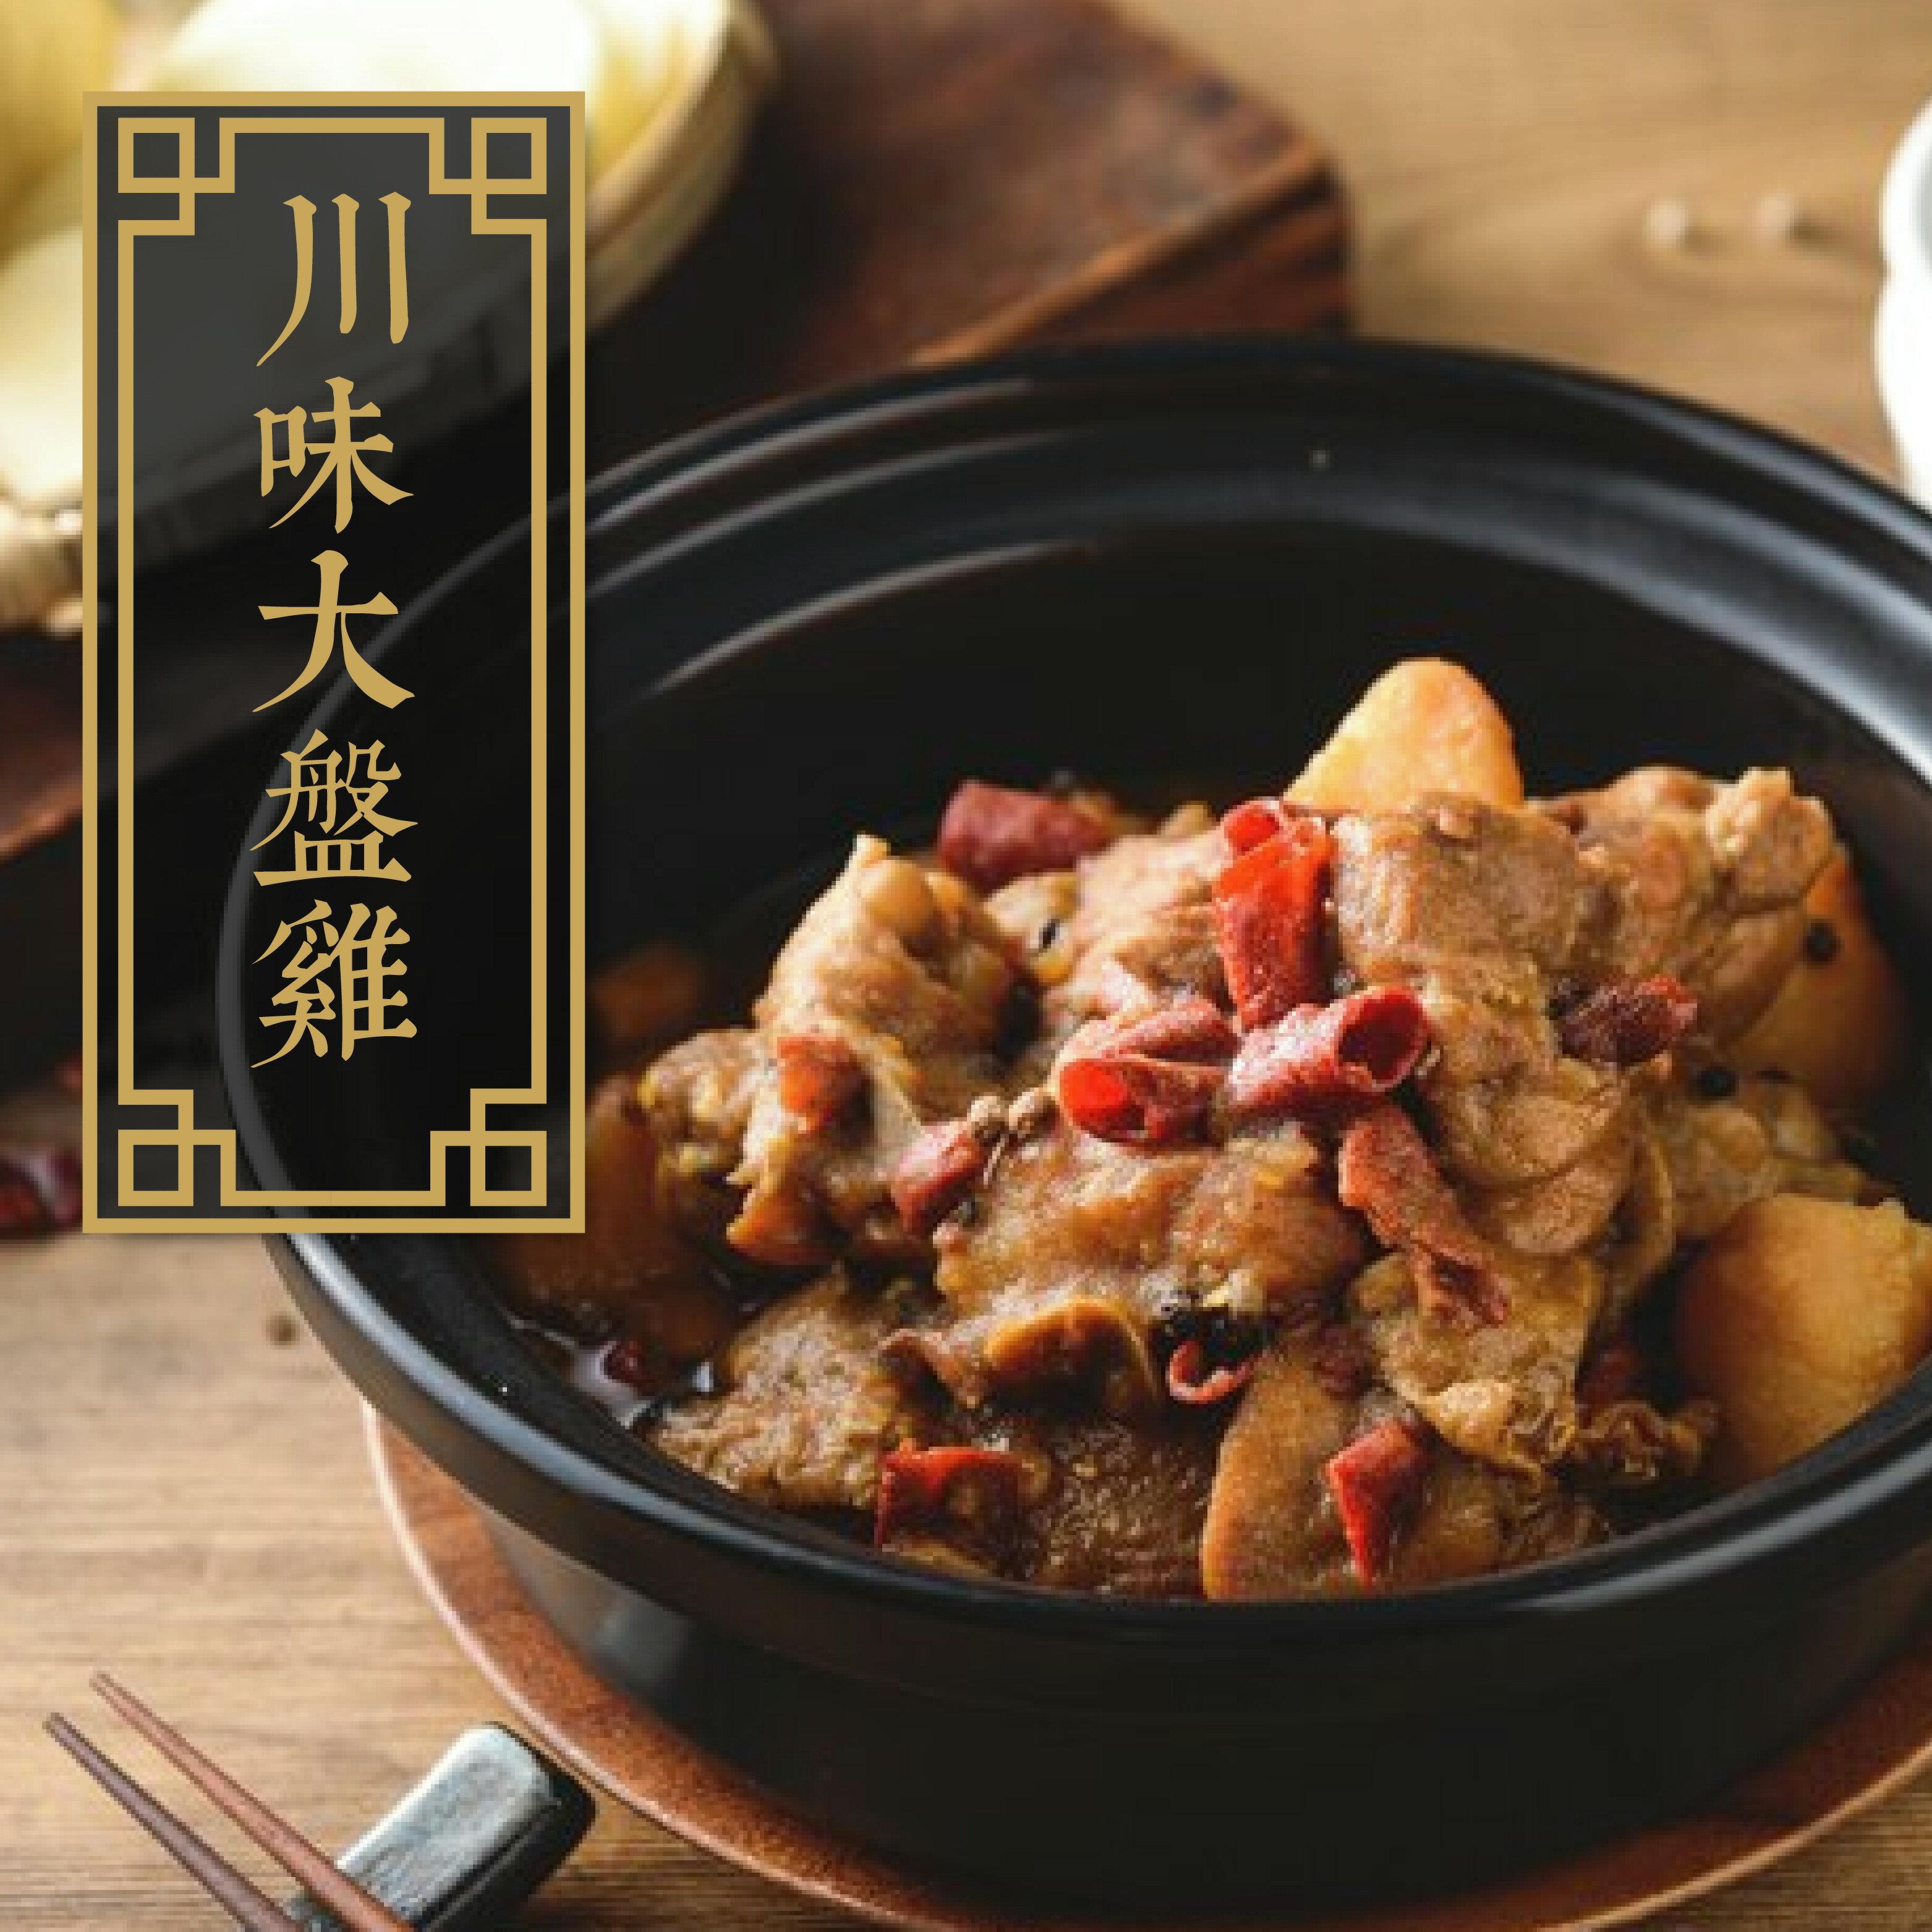 川味大盤雞 500g    || 爽滑麻辣的雞肉和軟糯甜潤的馬鈴薯,辣中有香 0